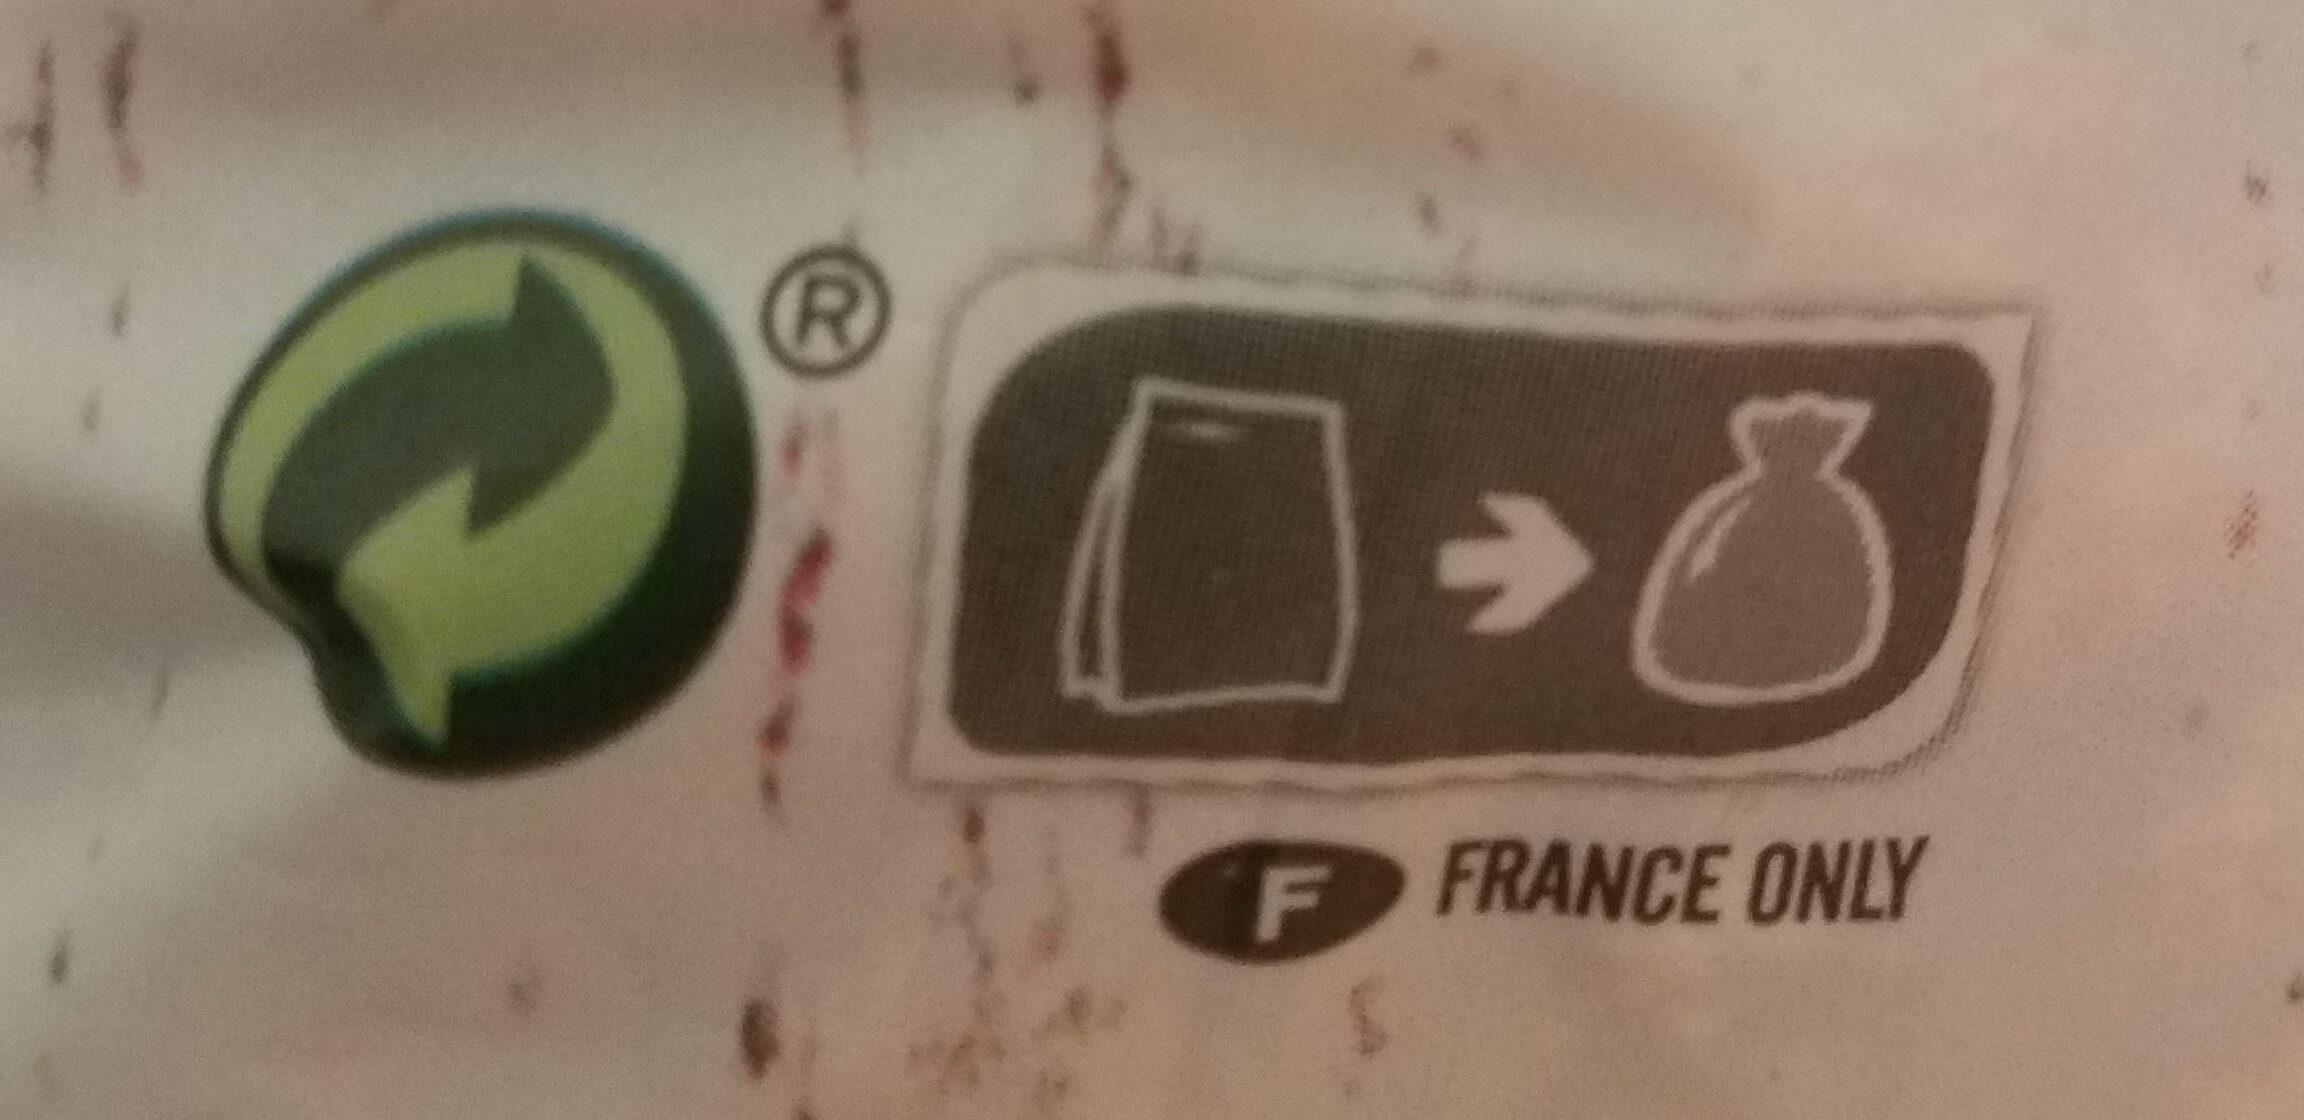 Krounchy chocolat - Instruction de recyclage et/ou informations d'emballage - fr